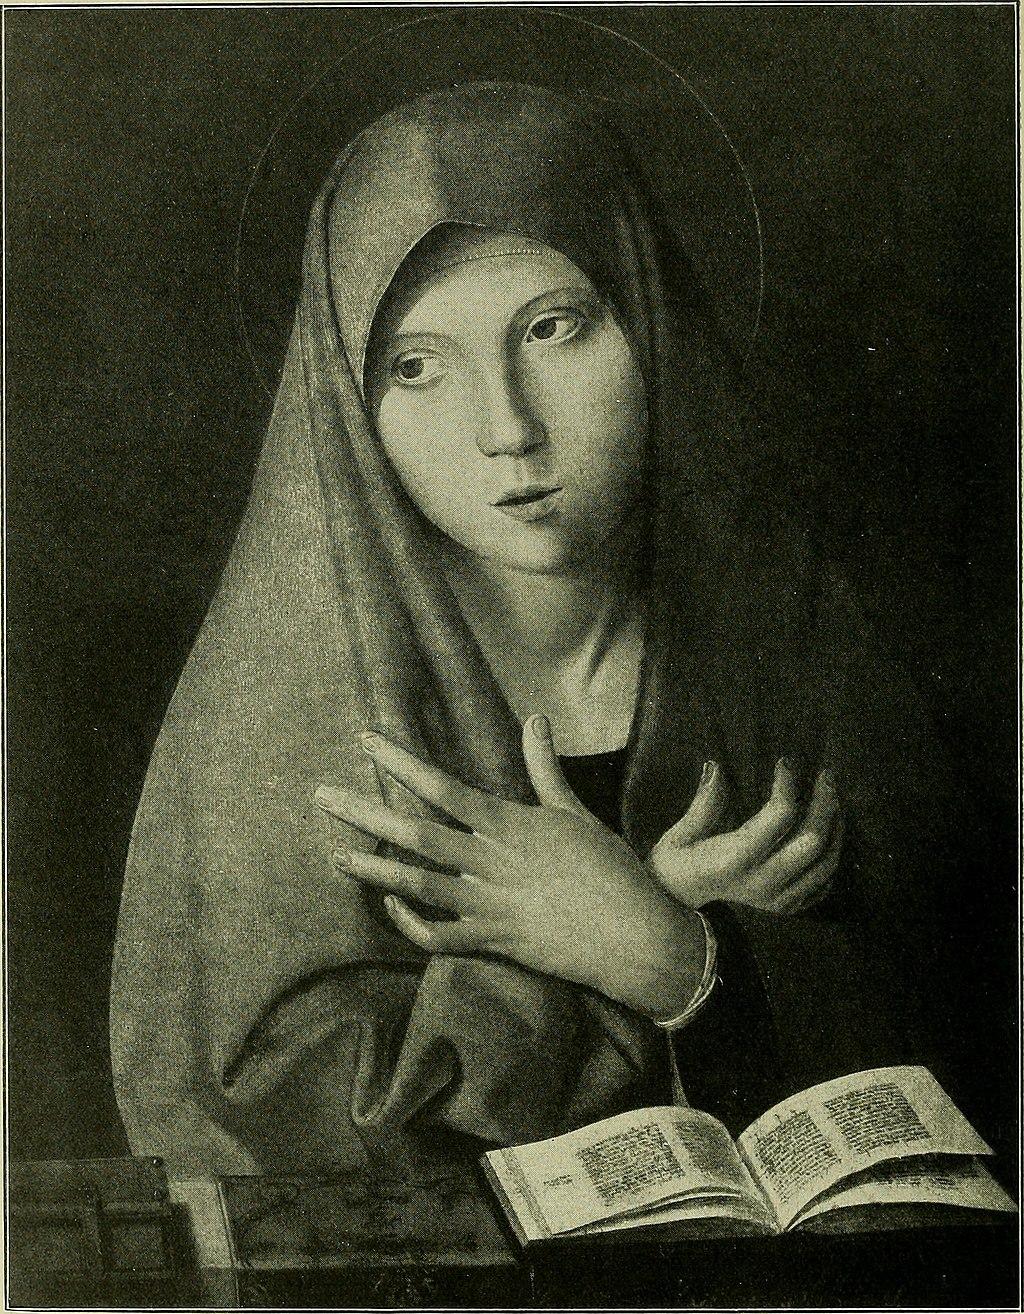 Meisterwerke der Älteren Pinakothek in München (1922) (14802318423)